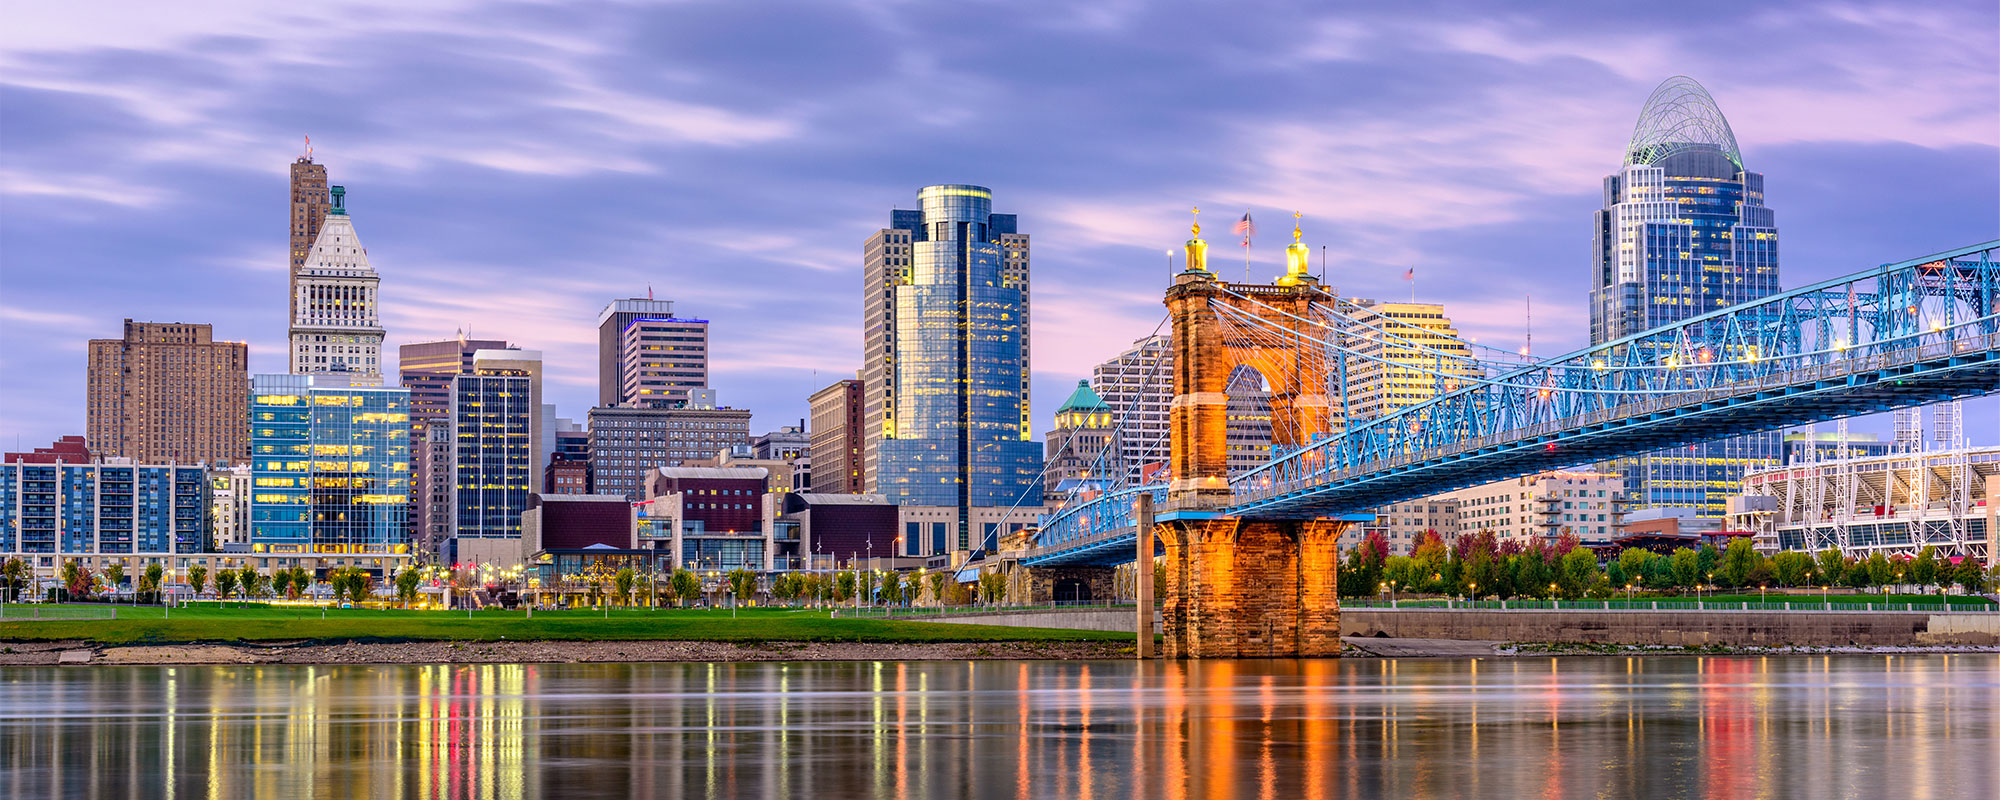 Cincinnati 1450244707.jpg